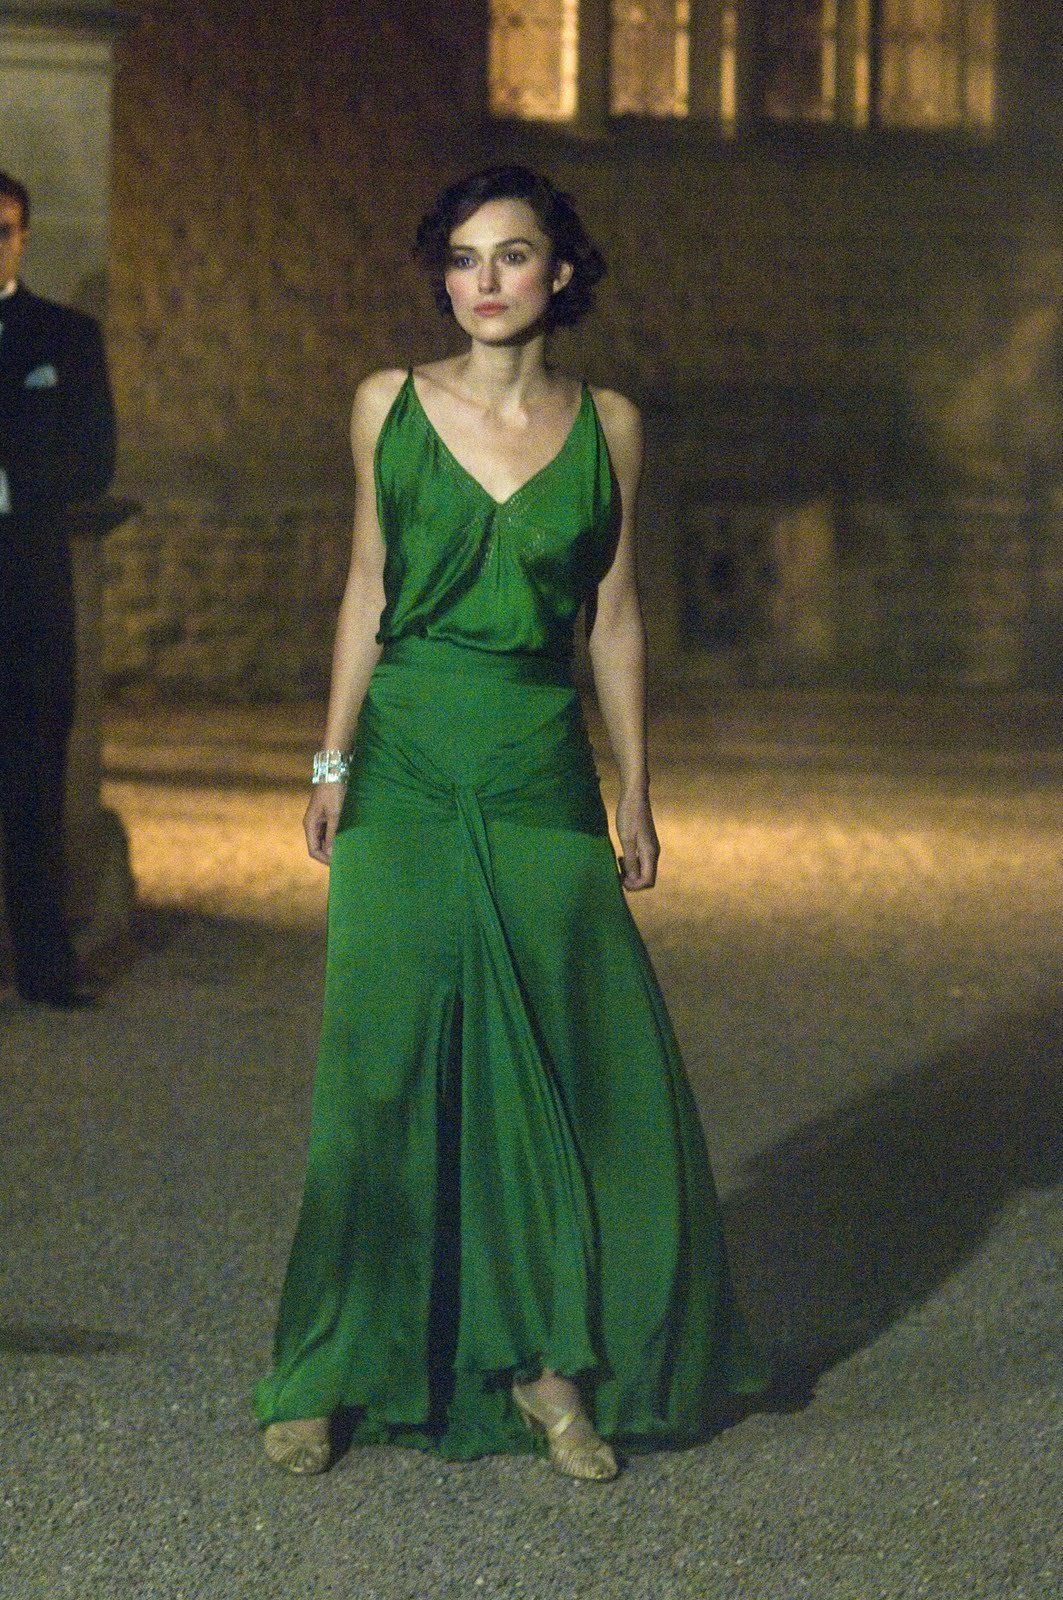 Egy klasszikus Keira Knightley-tól a Vágy és vezeklés c. filmből.